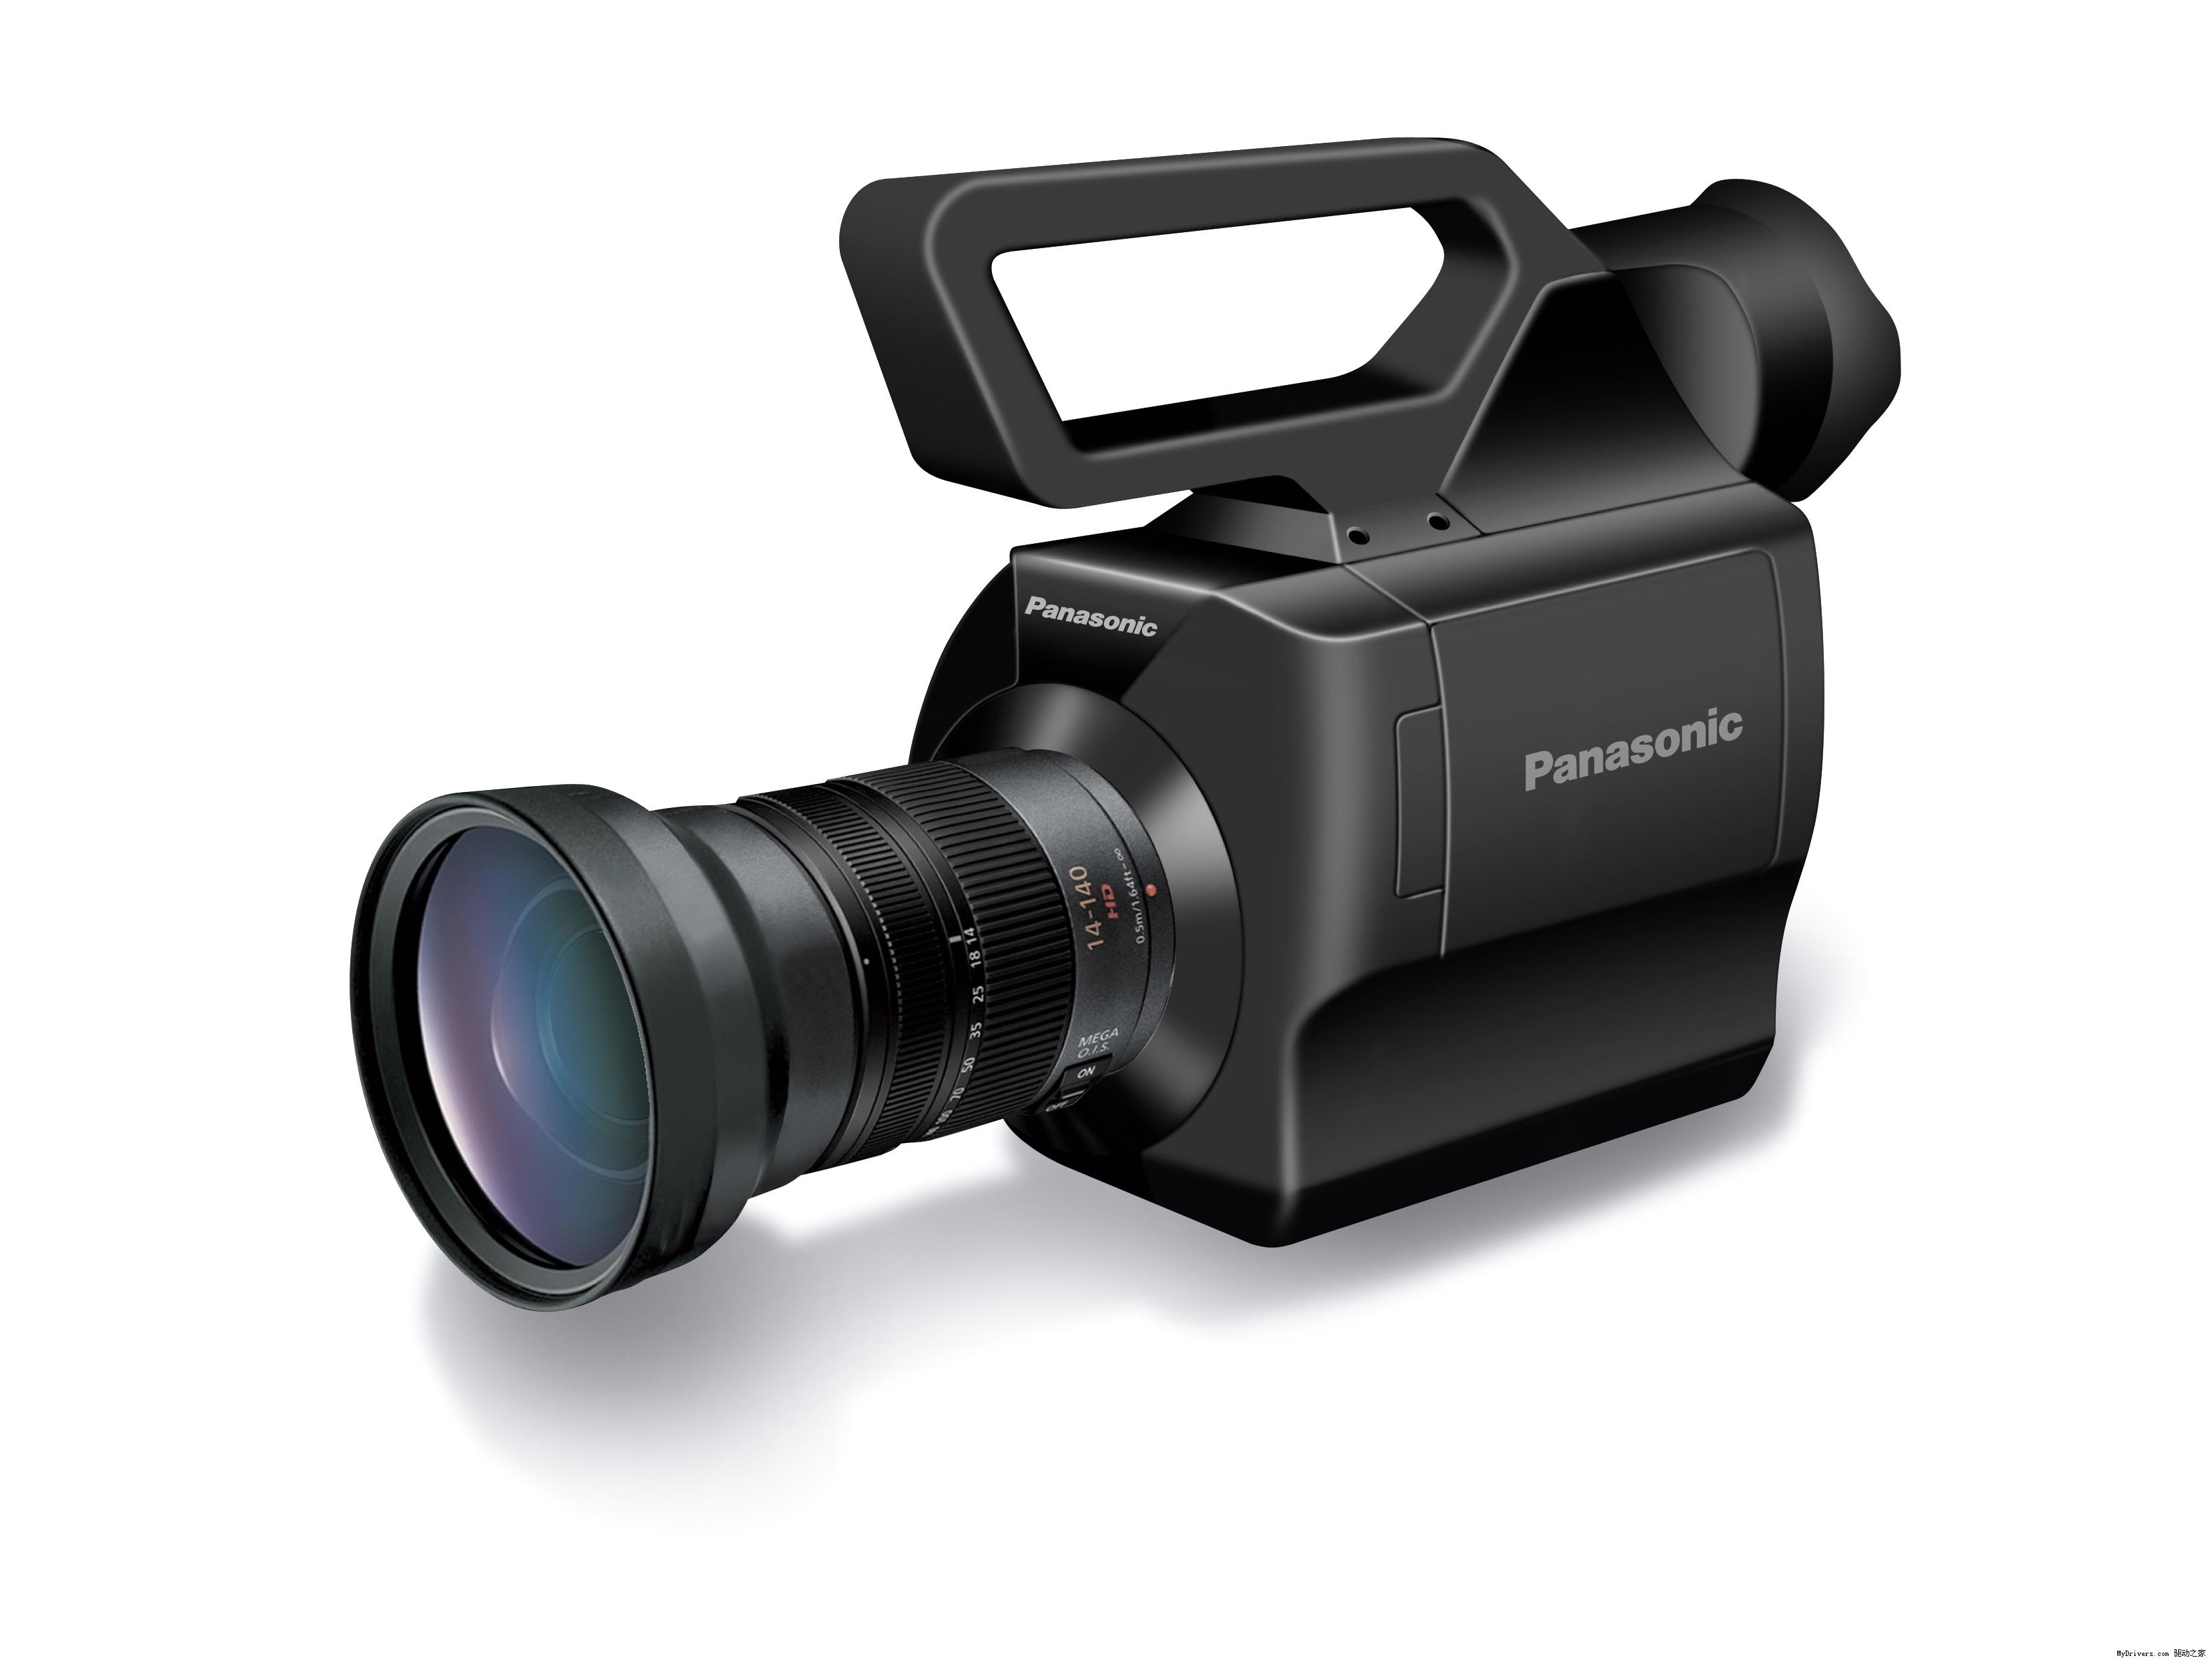 可换镜头dv 松下宣布首款m4/3系统摄像机图片